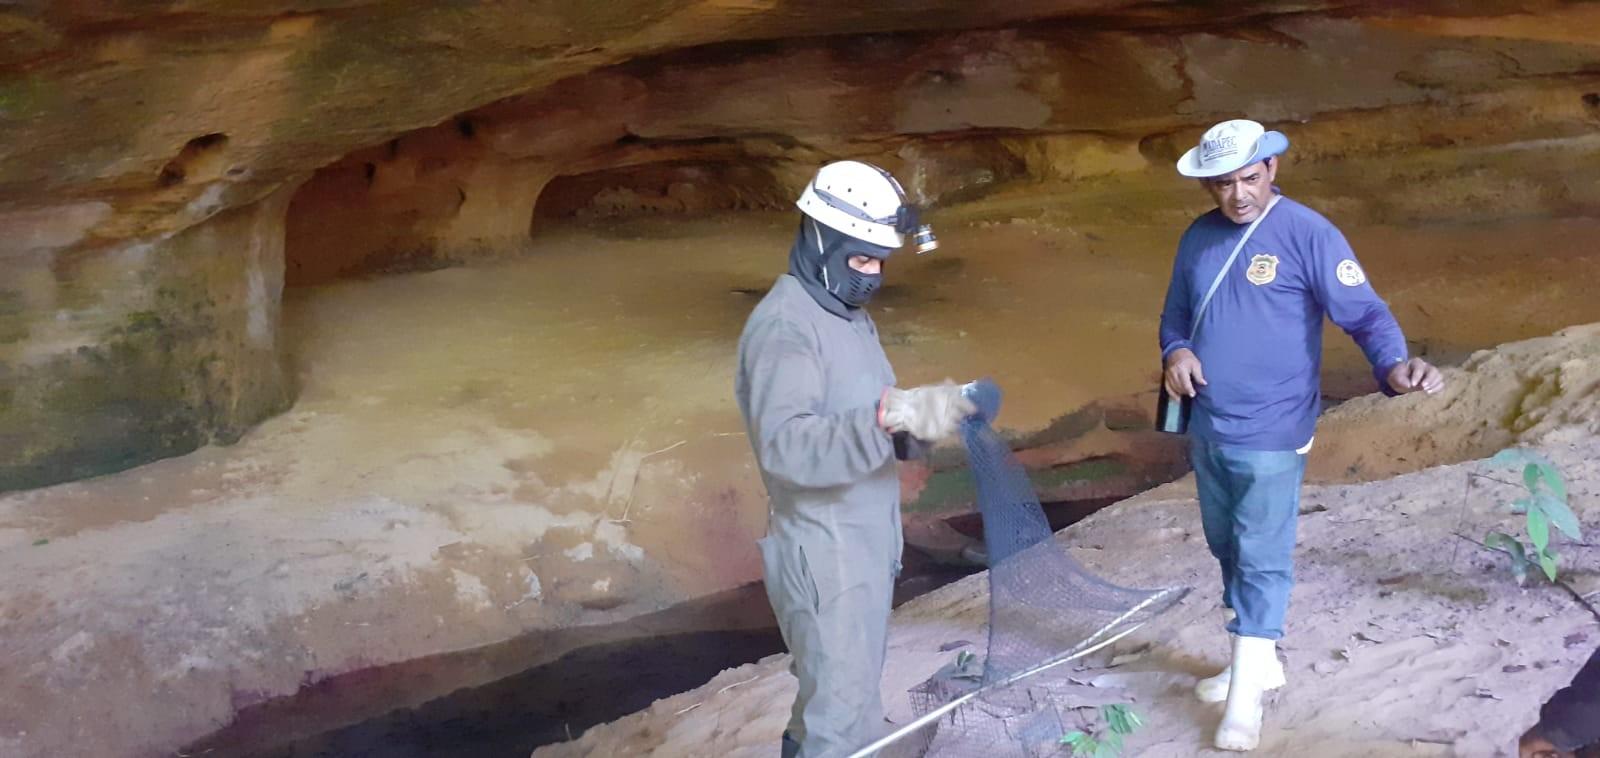 Morcegos-vampiros são capturados após ataques a indígenas em aldeia do Tocantins